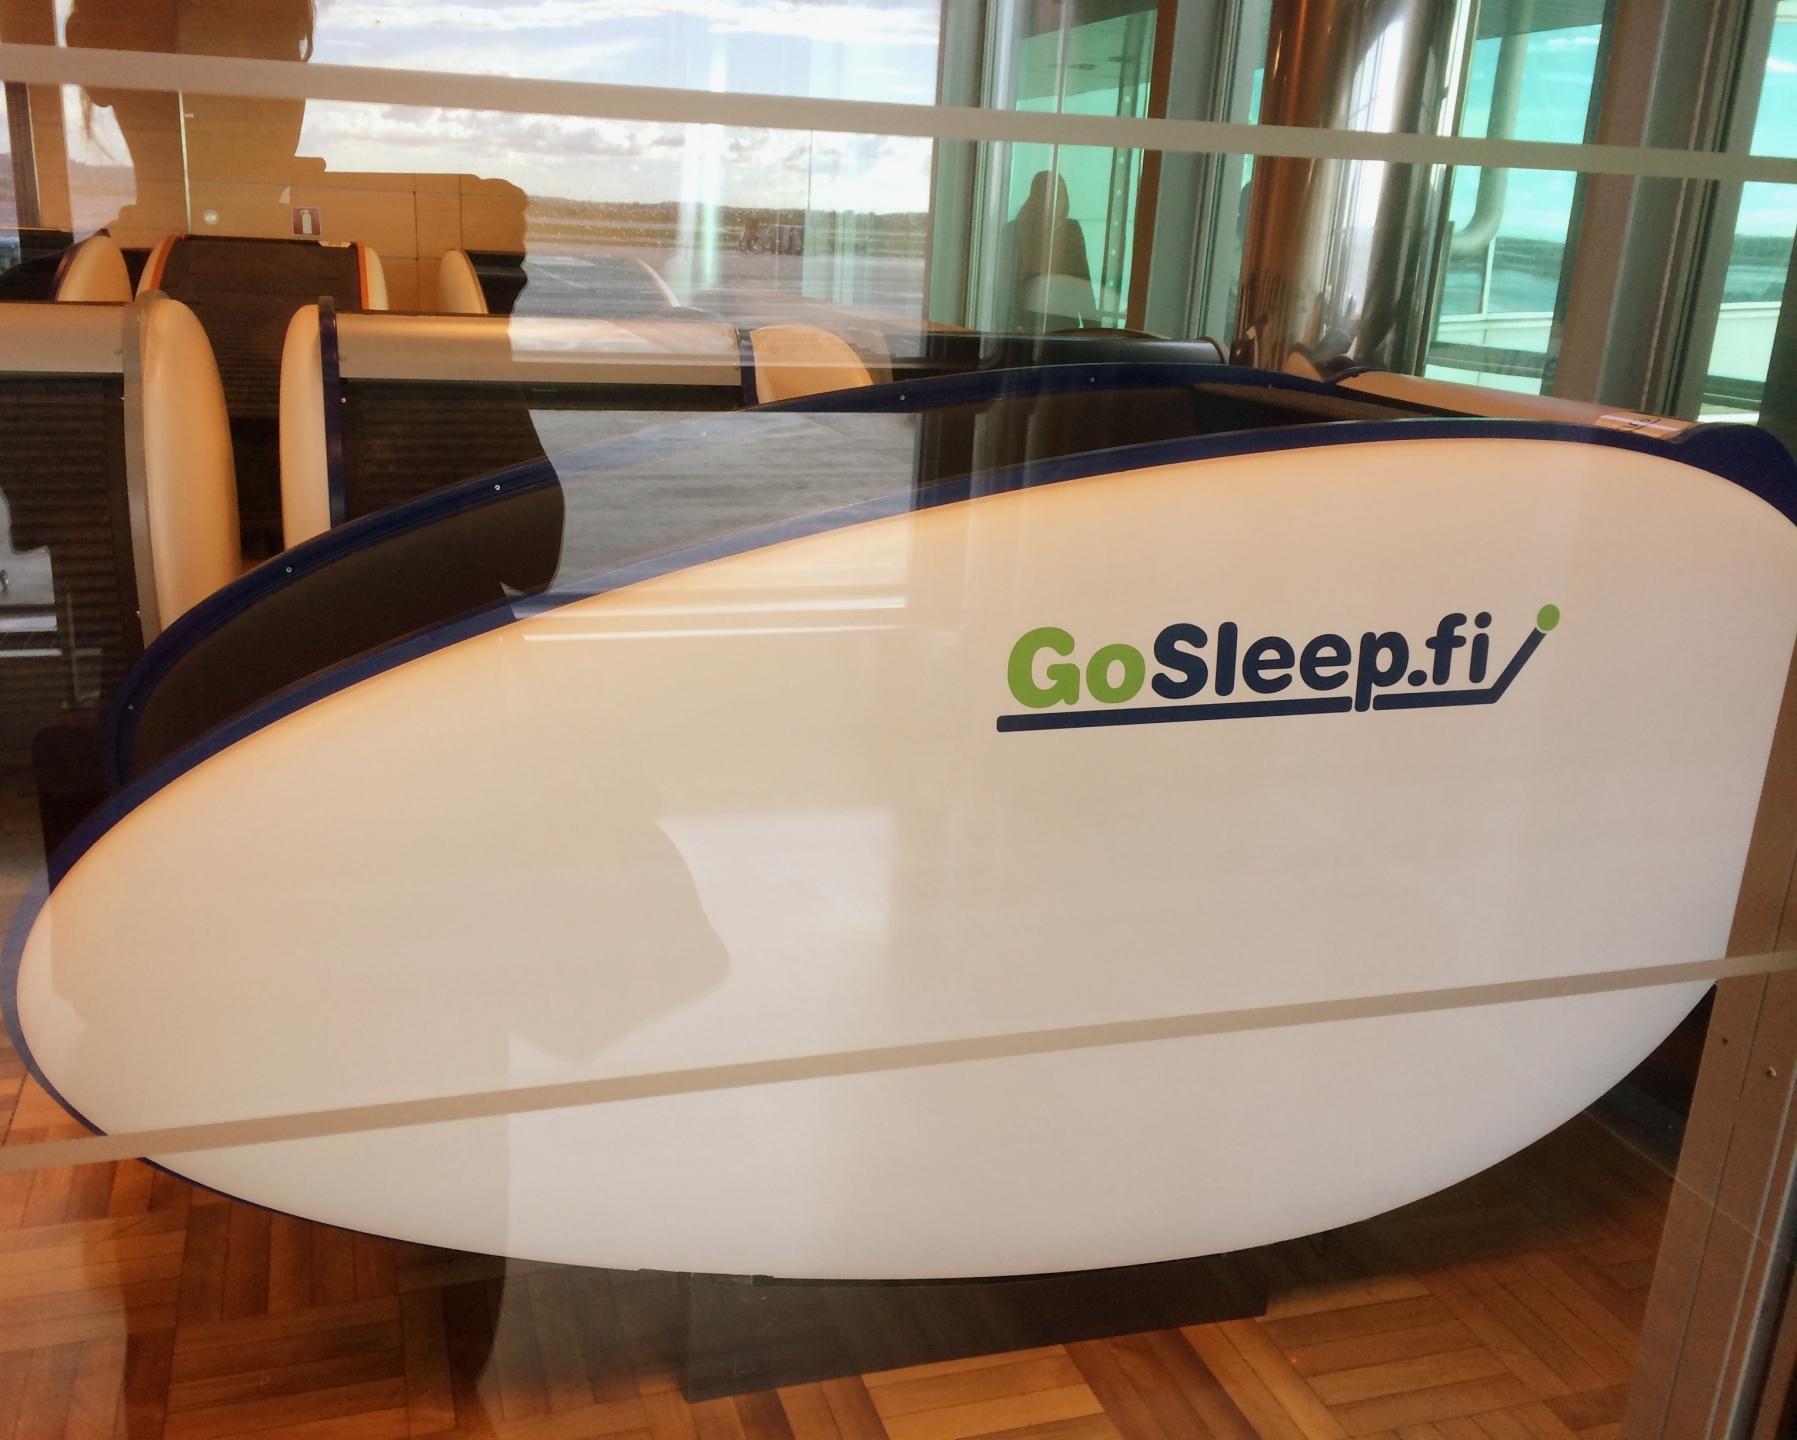 Helsinki Airport Sleeping Capsules